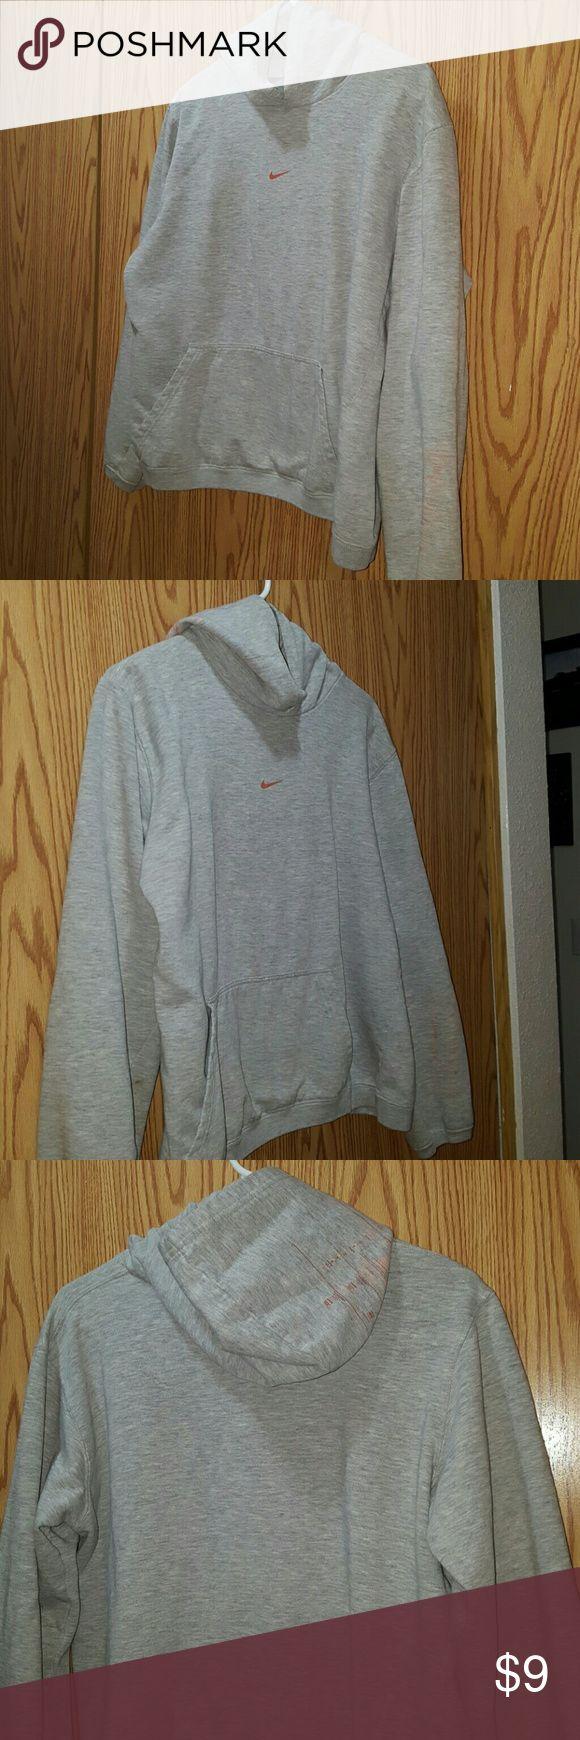 Grey Nike Hoodie Cute Grey Nike Pull over  Hoodie  Size Medium Nike Tops Sweatshirts & Hoodies